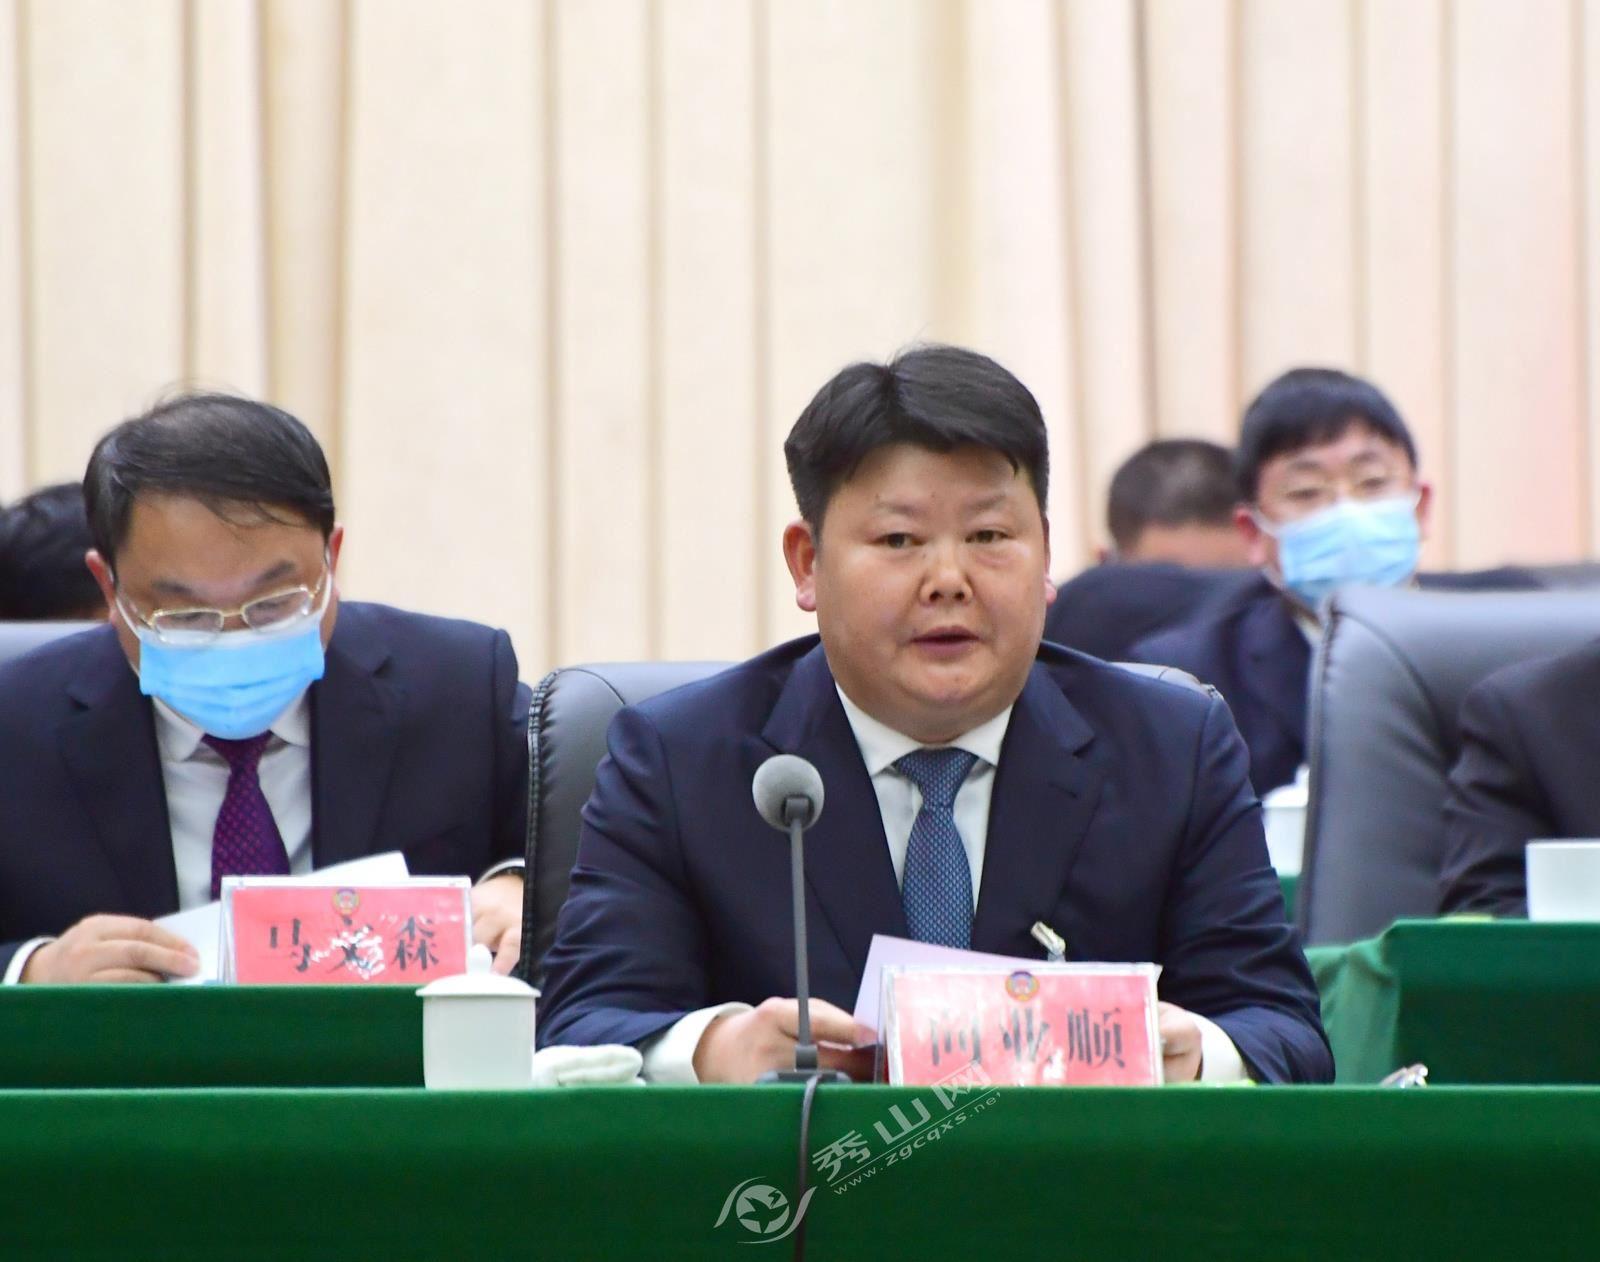 秀山县委书记向业顺讲话。鲁诗勤 摄